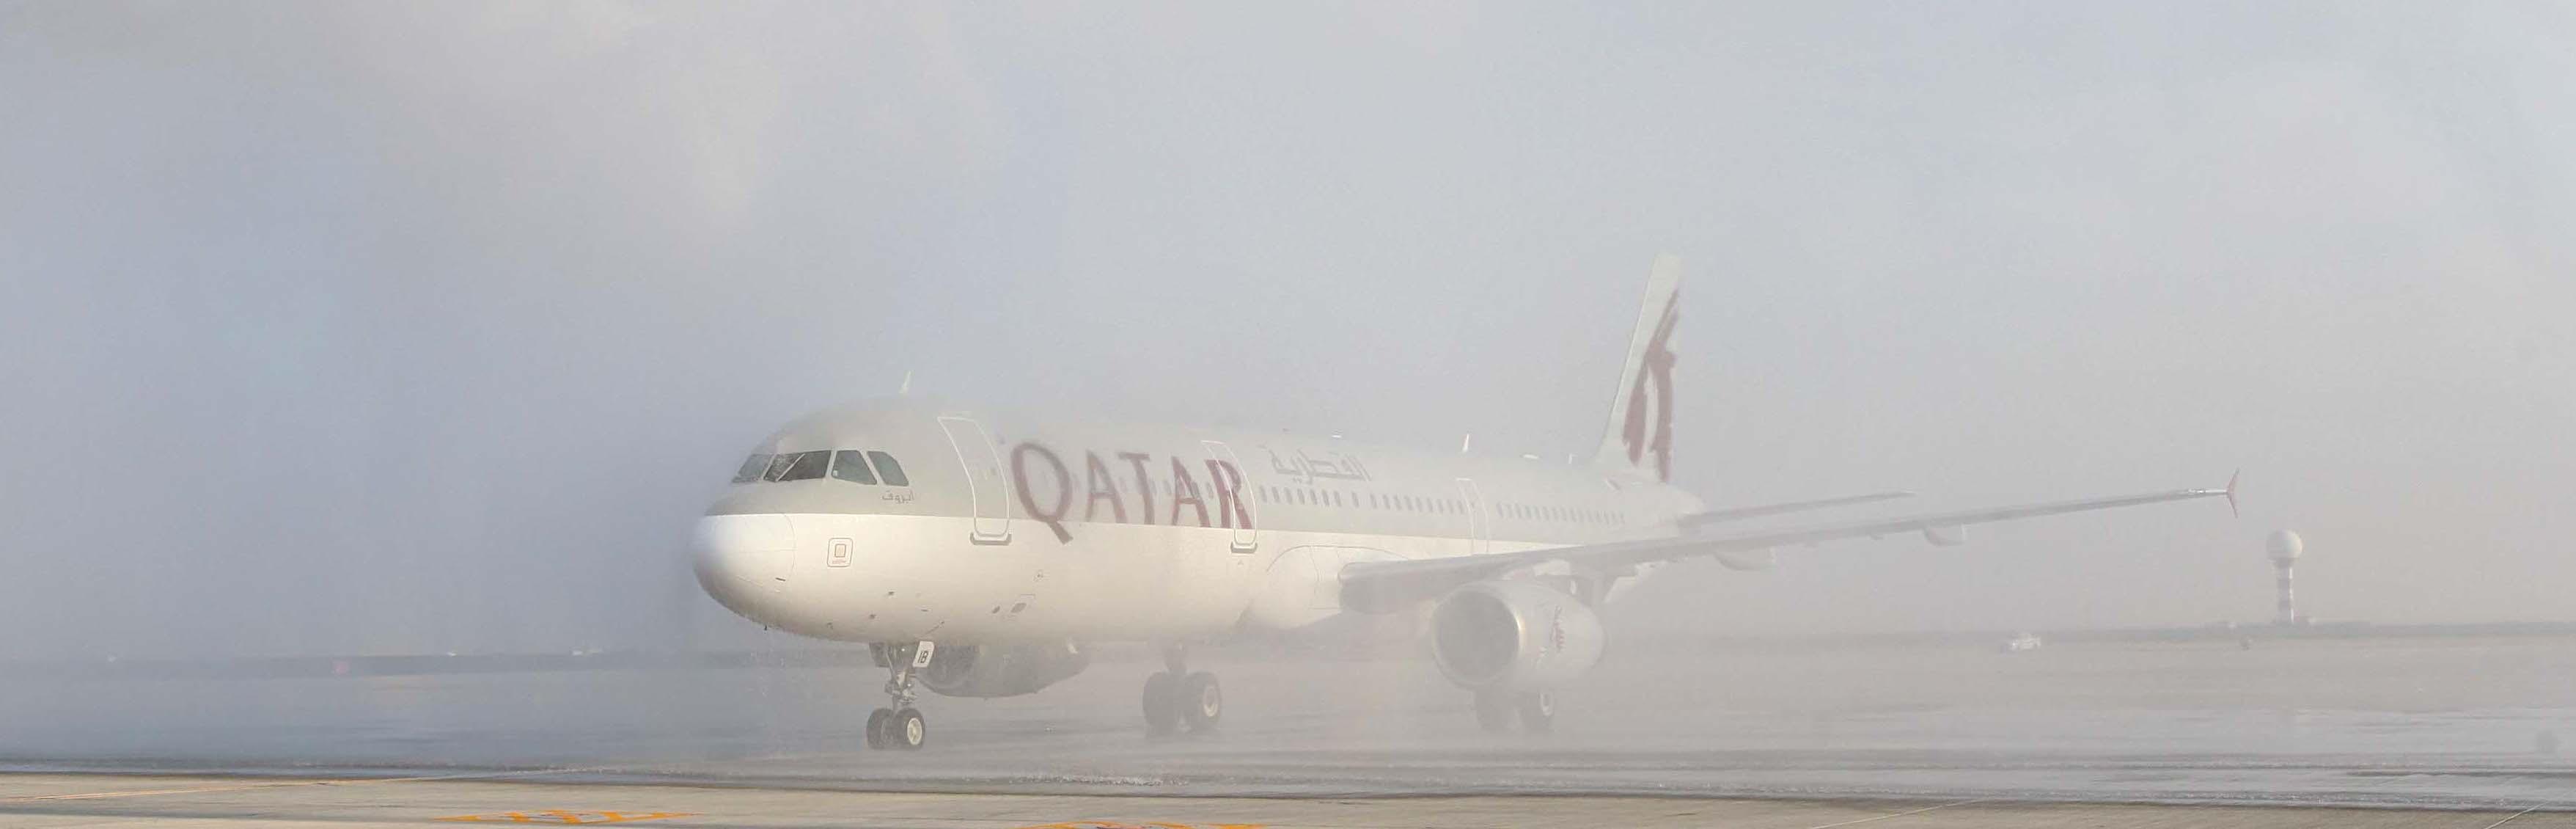 Qatar Airways Starts Sharjah and Dubai World Central Flights